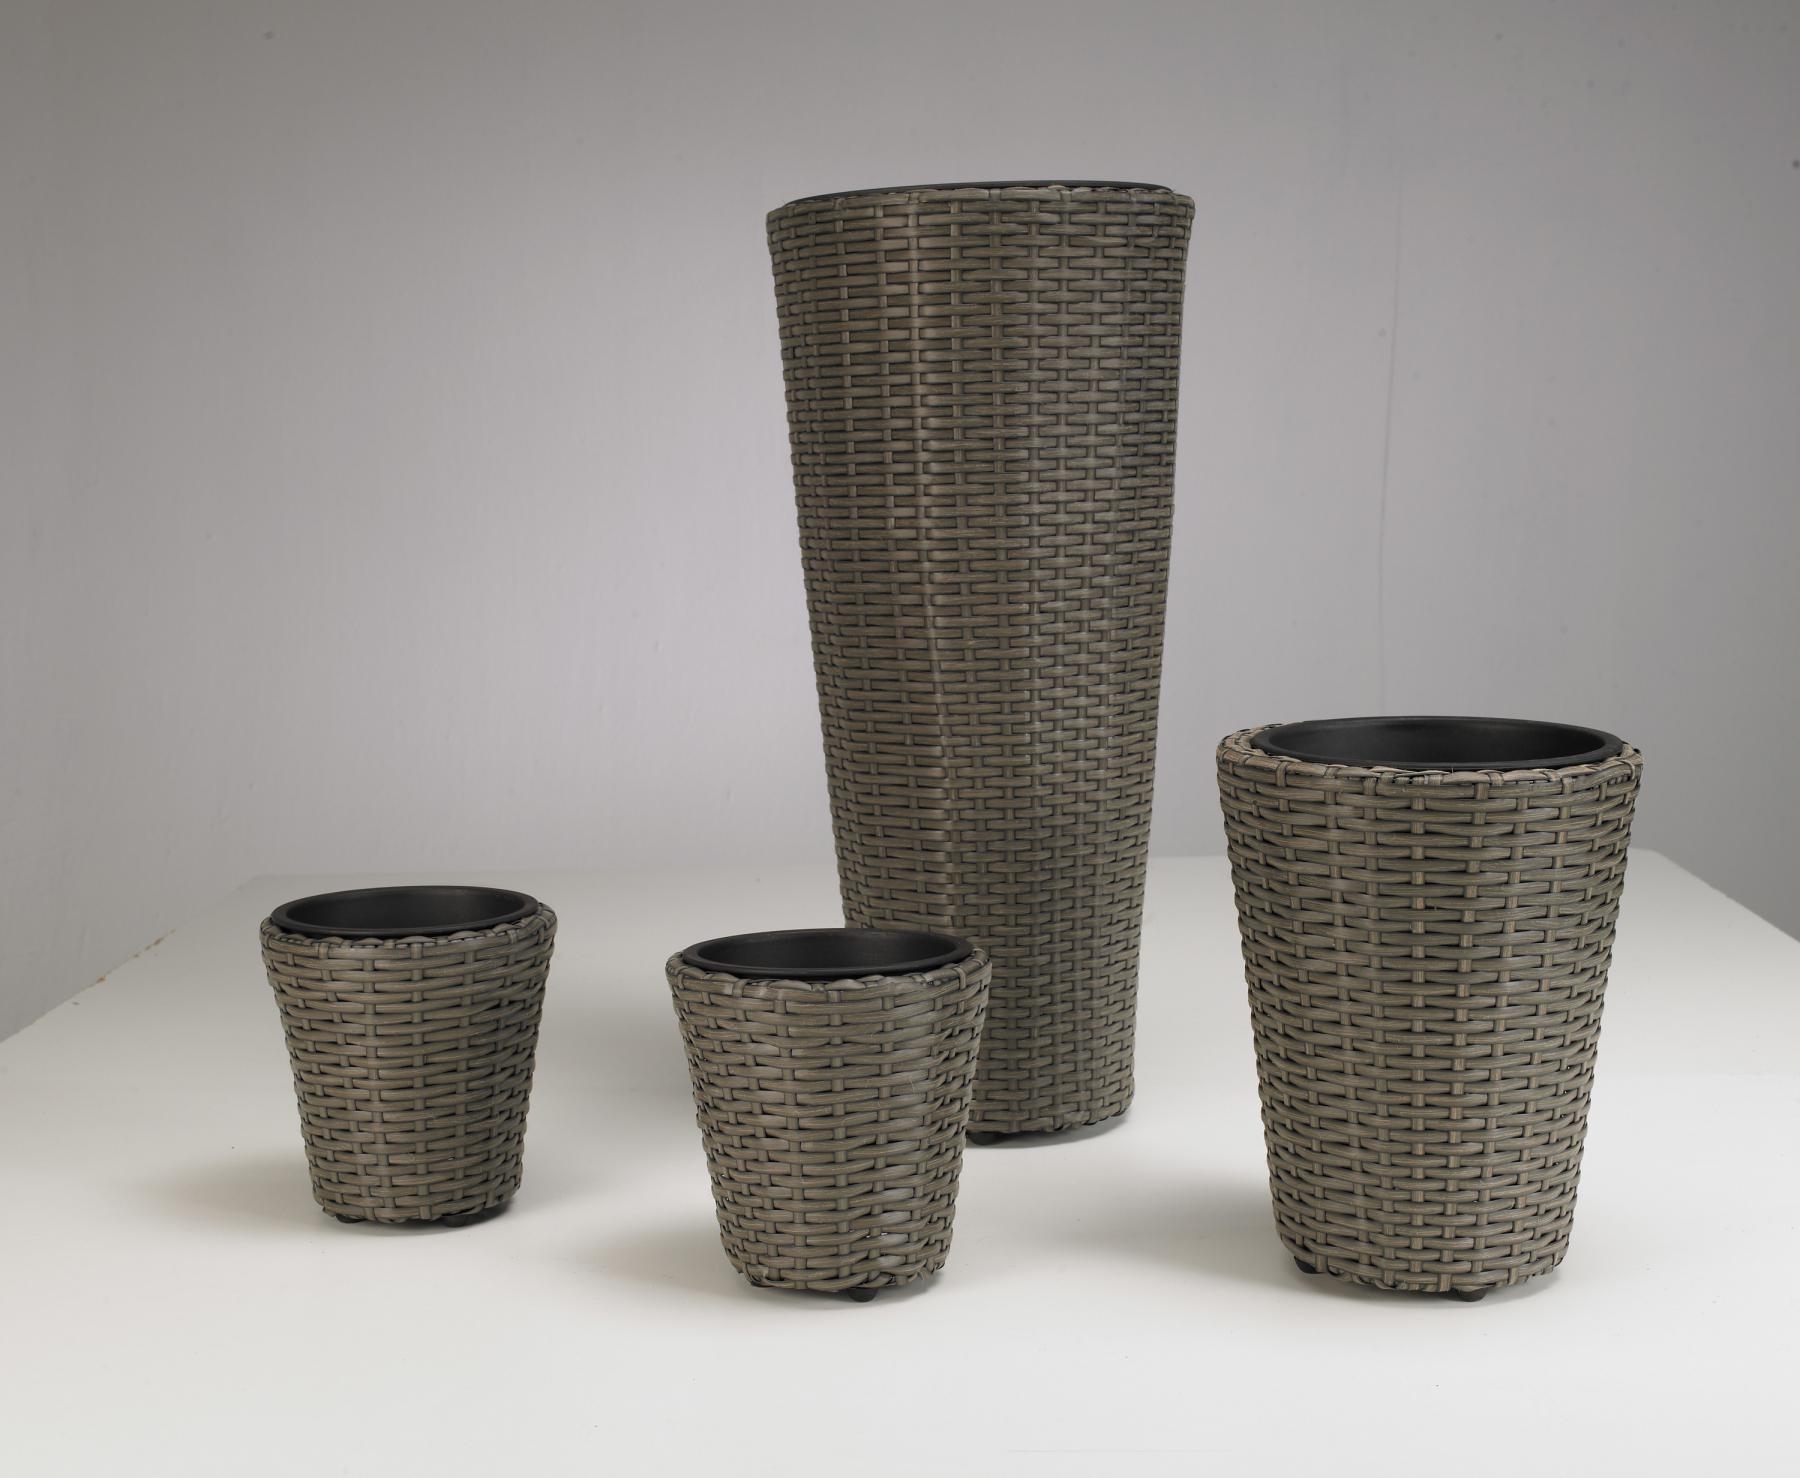 pflanzkubel polyrattan, pflanzgefäße Übertöpfe 4er set polyrattan grau, rund pflanzkübel, Design ideen